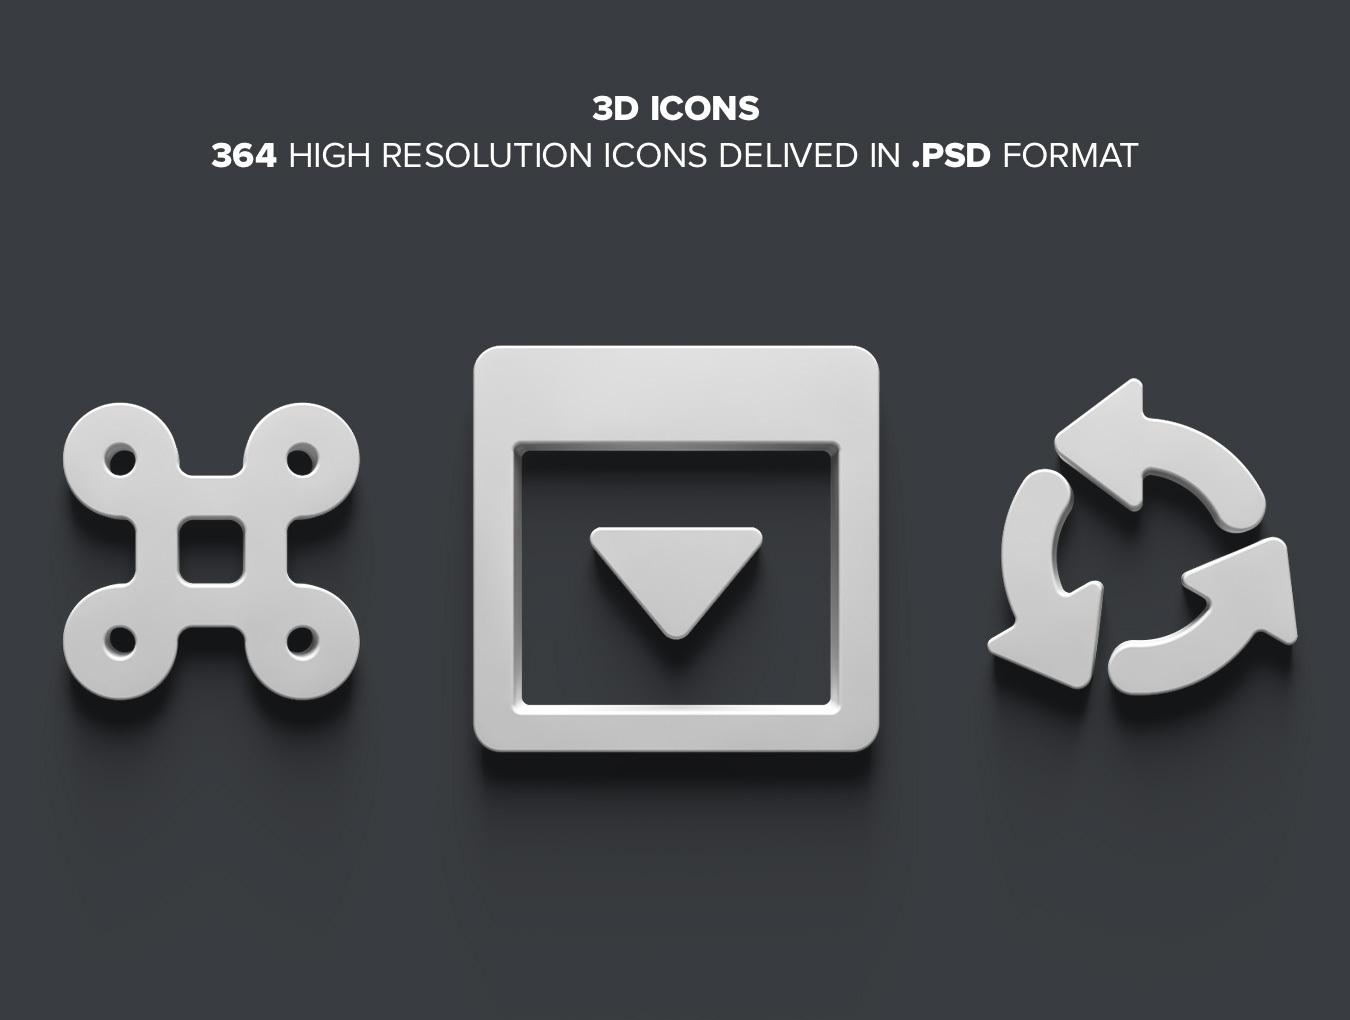 مجموعه 364 آیکون سه بعدی برای فتوشاپ 1